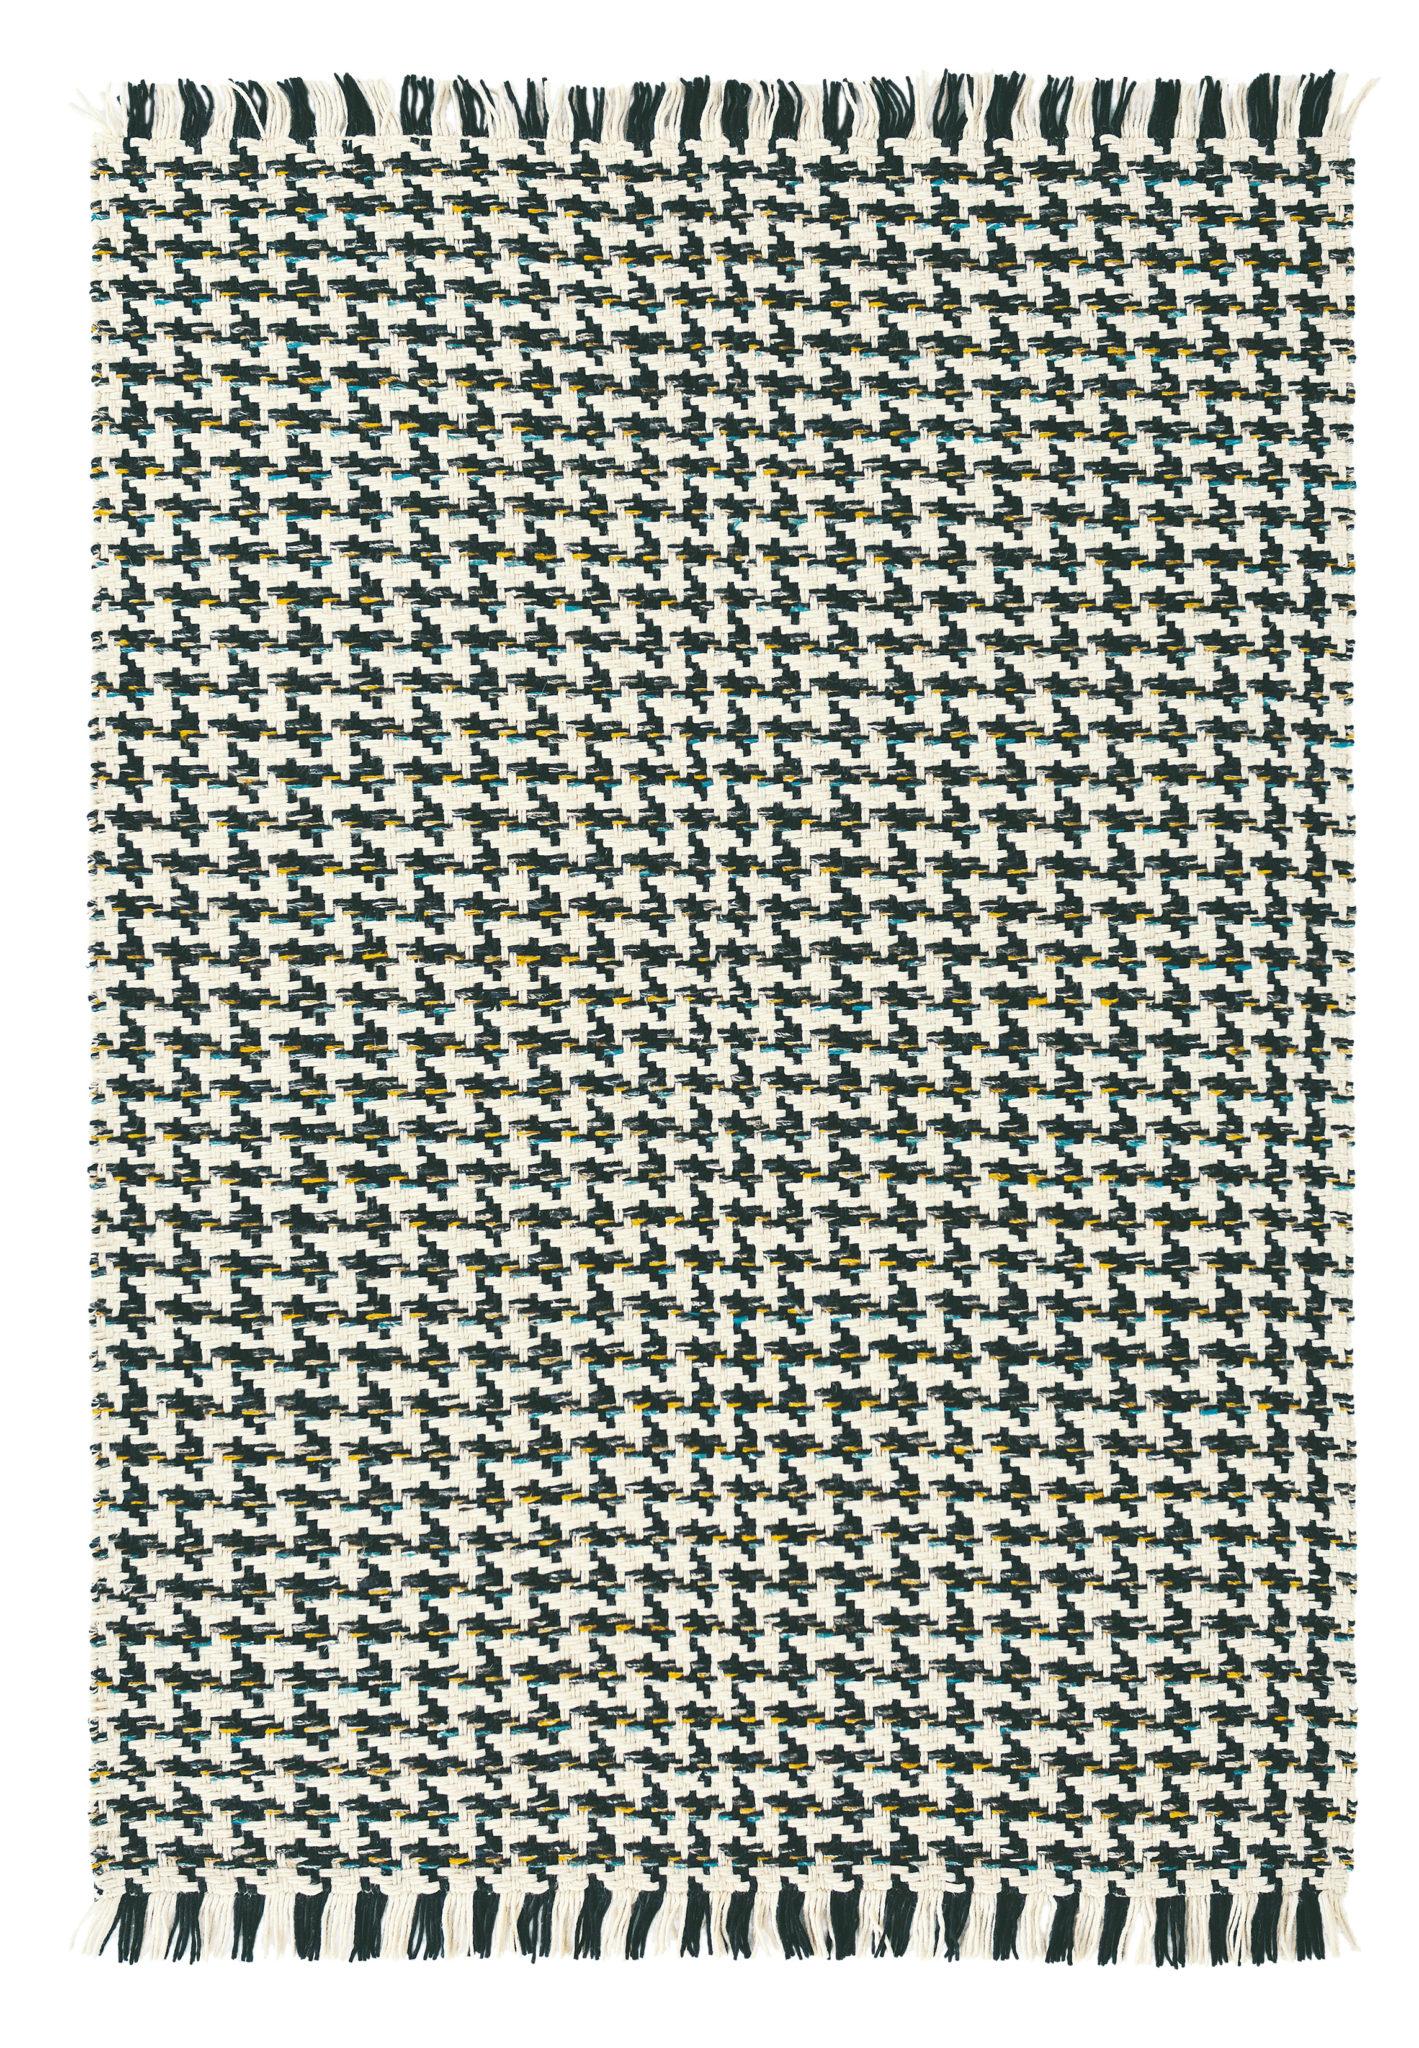 Full Size of Designer Flachgewebe Teppich Atelier Poule Schwarz Wei 160 X Esstisch Weiß Ausziehbar Schweißausbrüche Wechseljahre Weißes Bett 160x200 140x200 Kleiner Wohnzimmer Teppich Schwarz Weiß